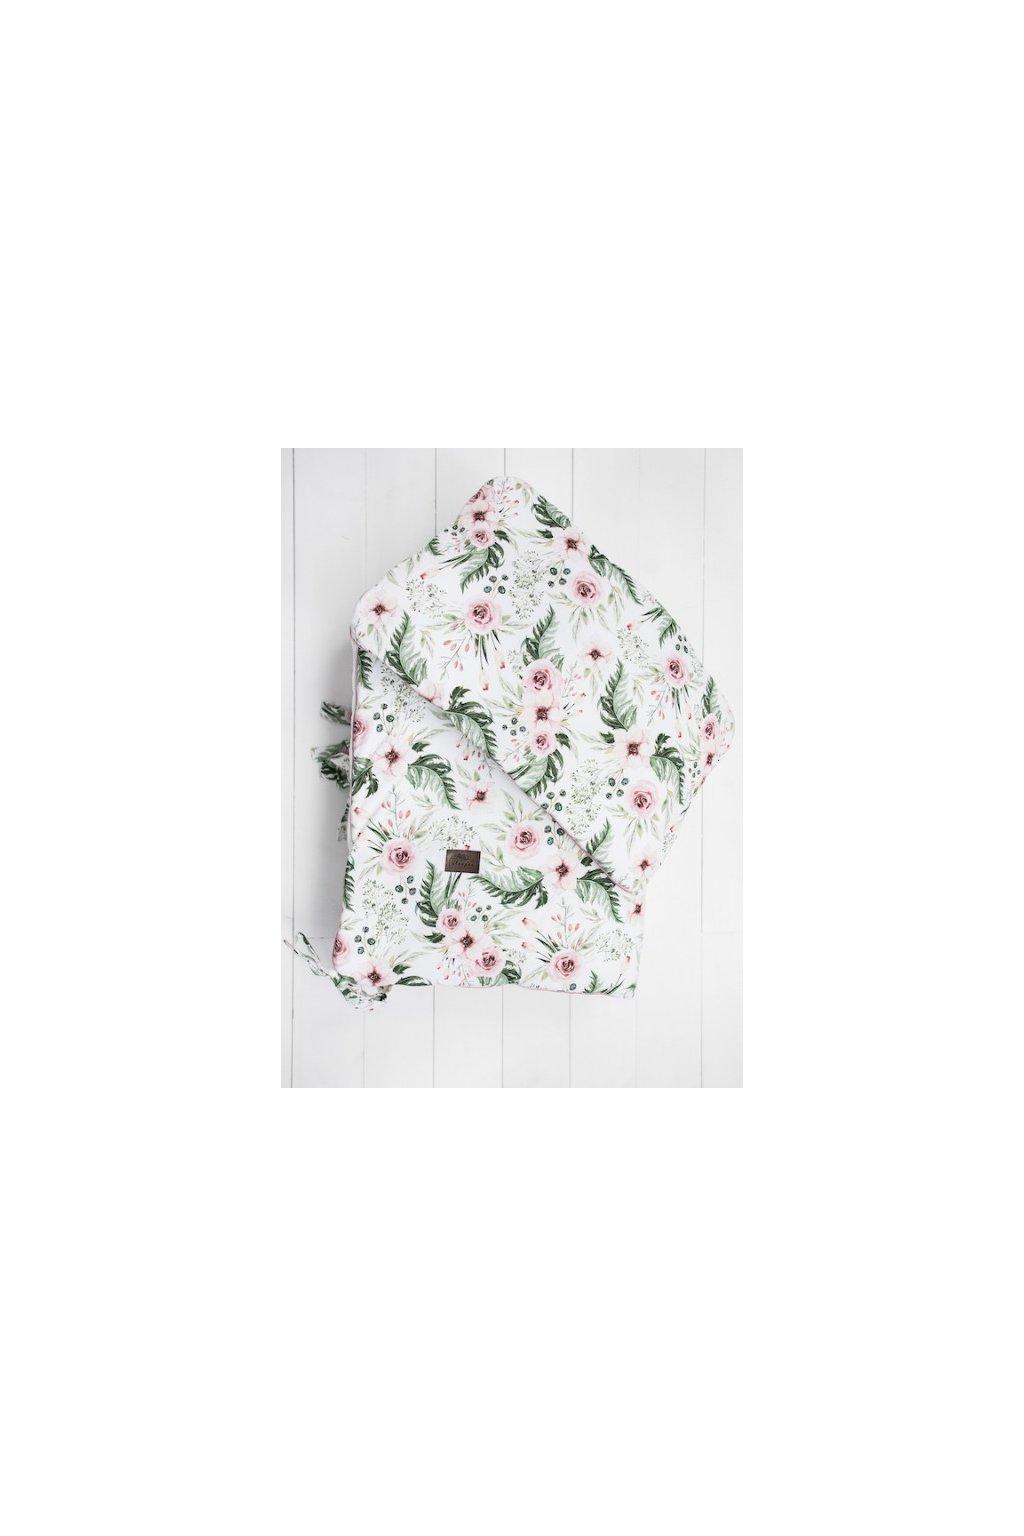 Dětské povlečení s výplní Sleepee Dreams květiny